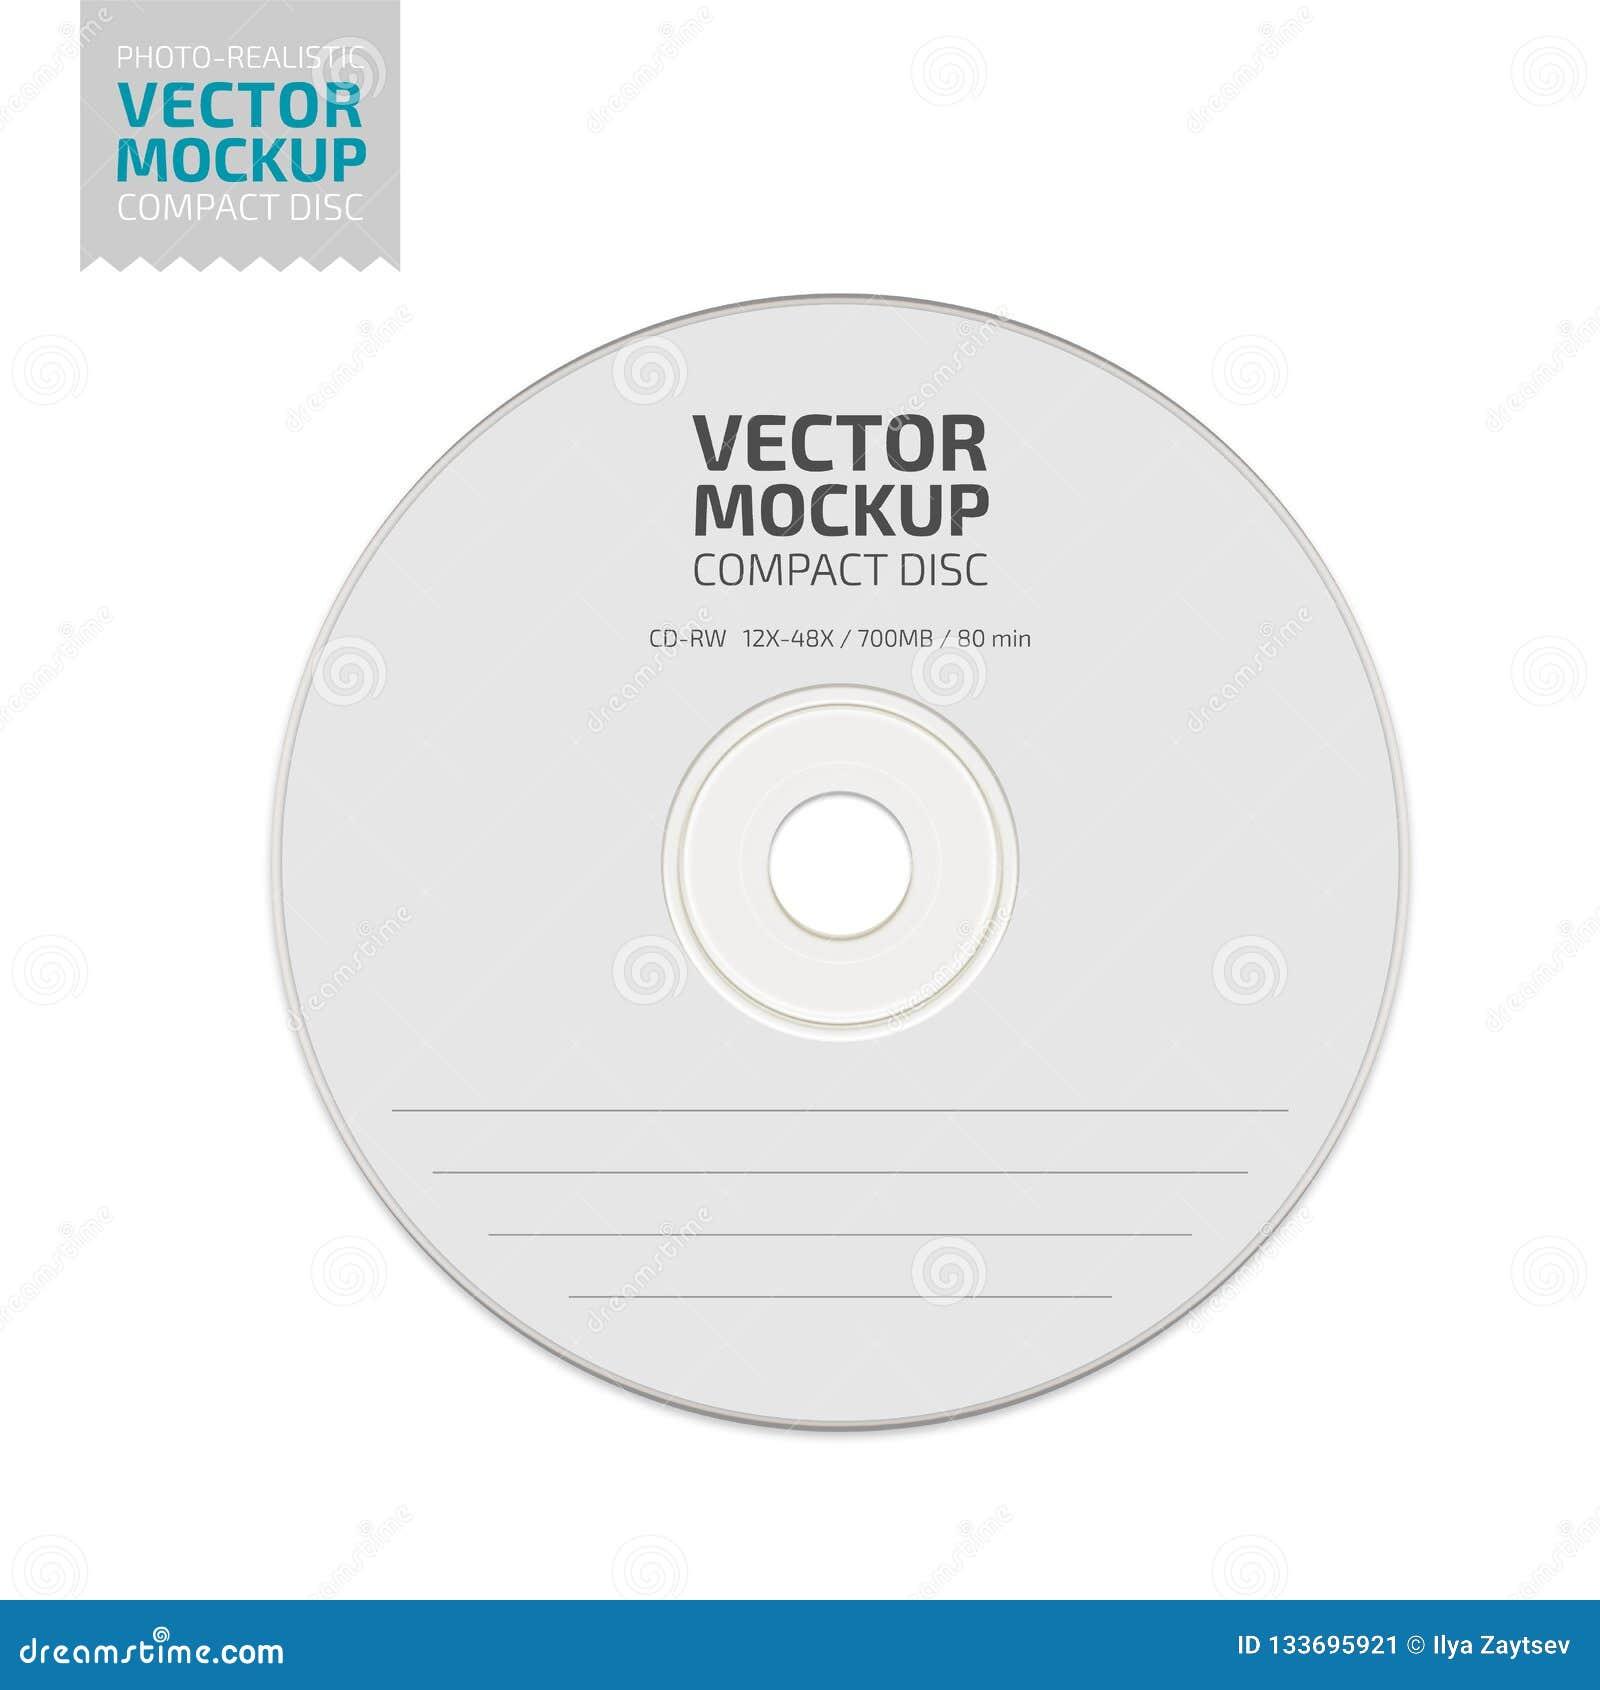 Zombaria Branca Do Compact Disc Da Placa Acima Do Vetor